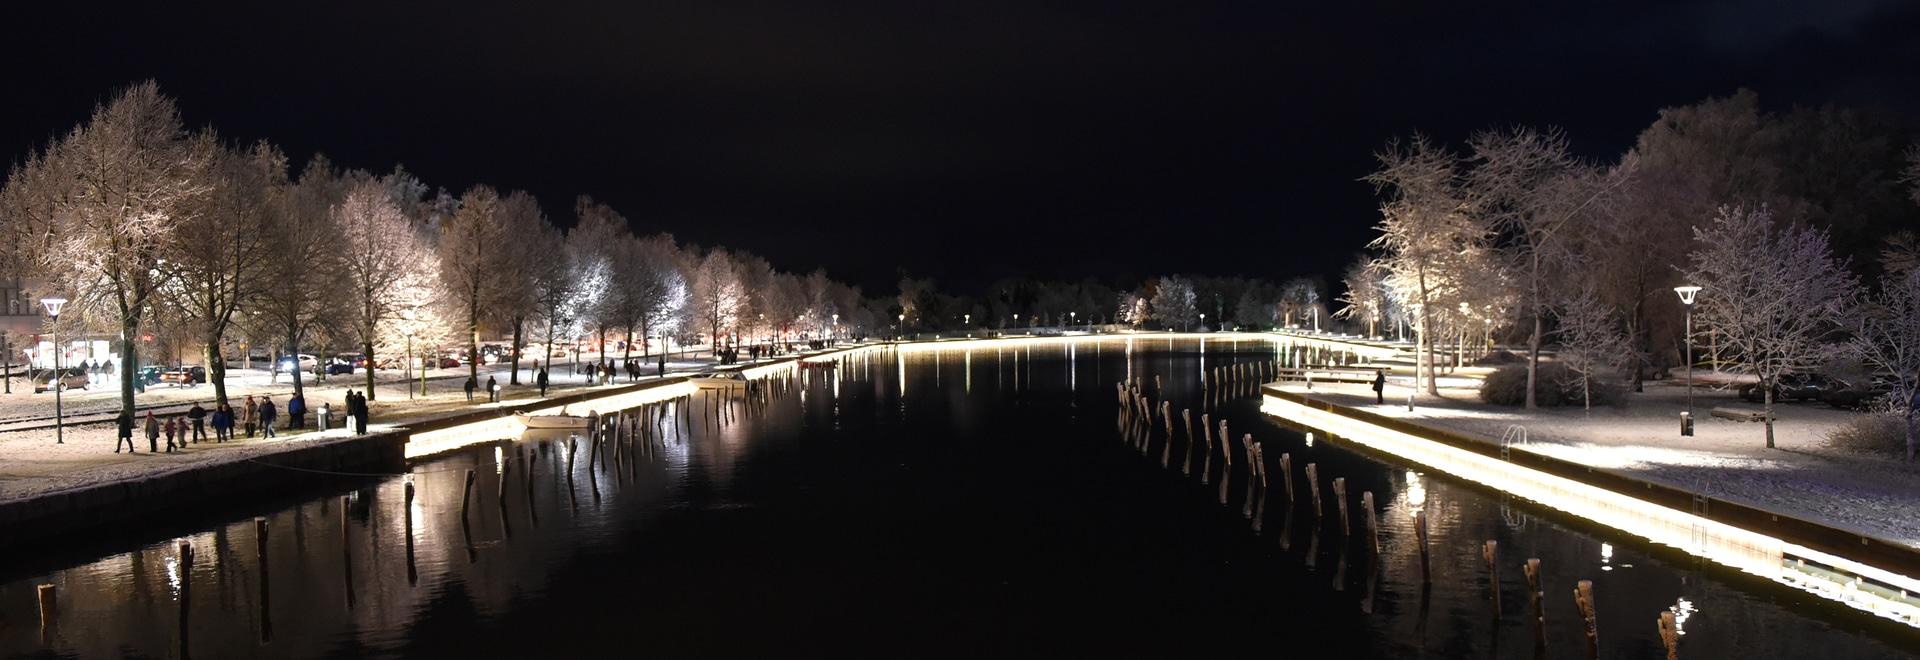 projet de liniLED® | Uusikaupunki, Finlande